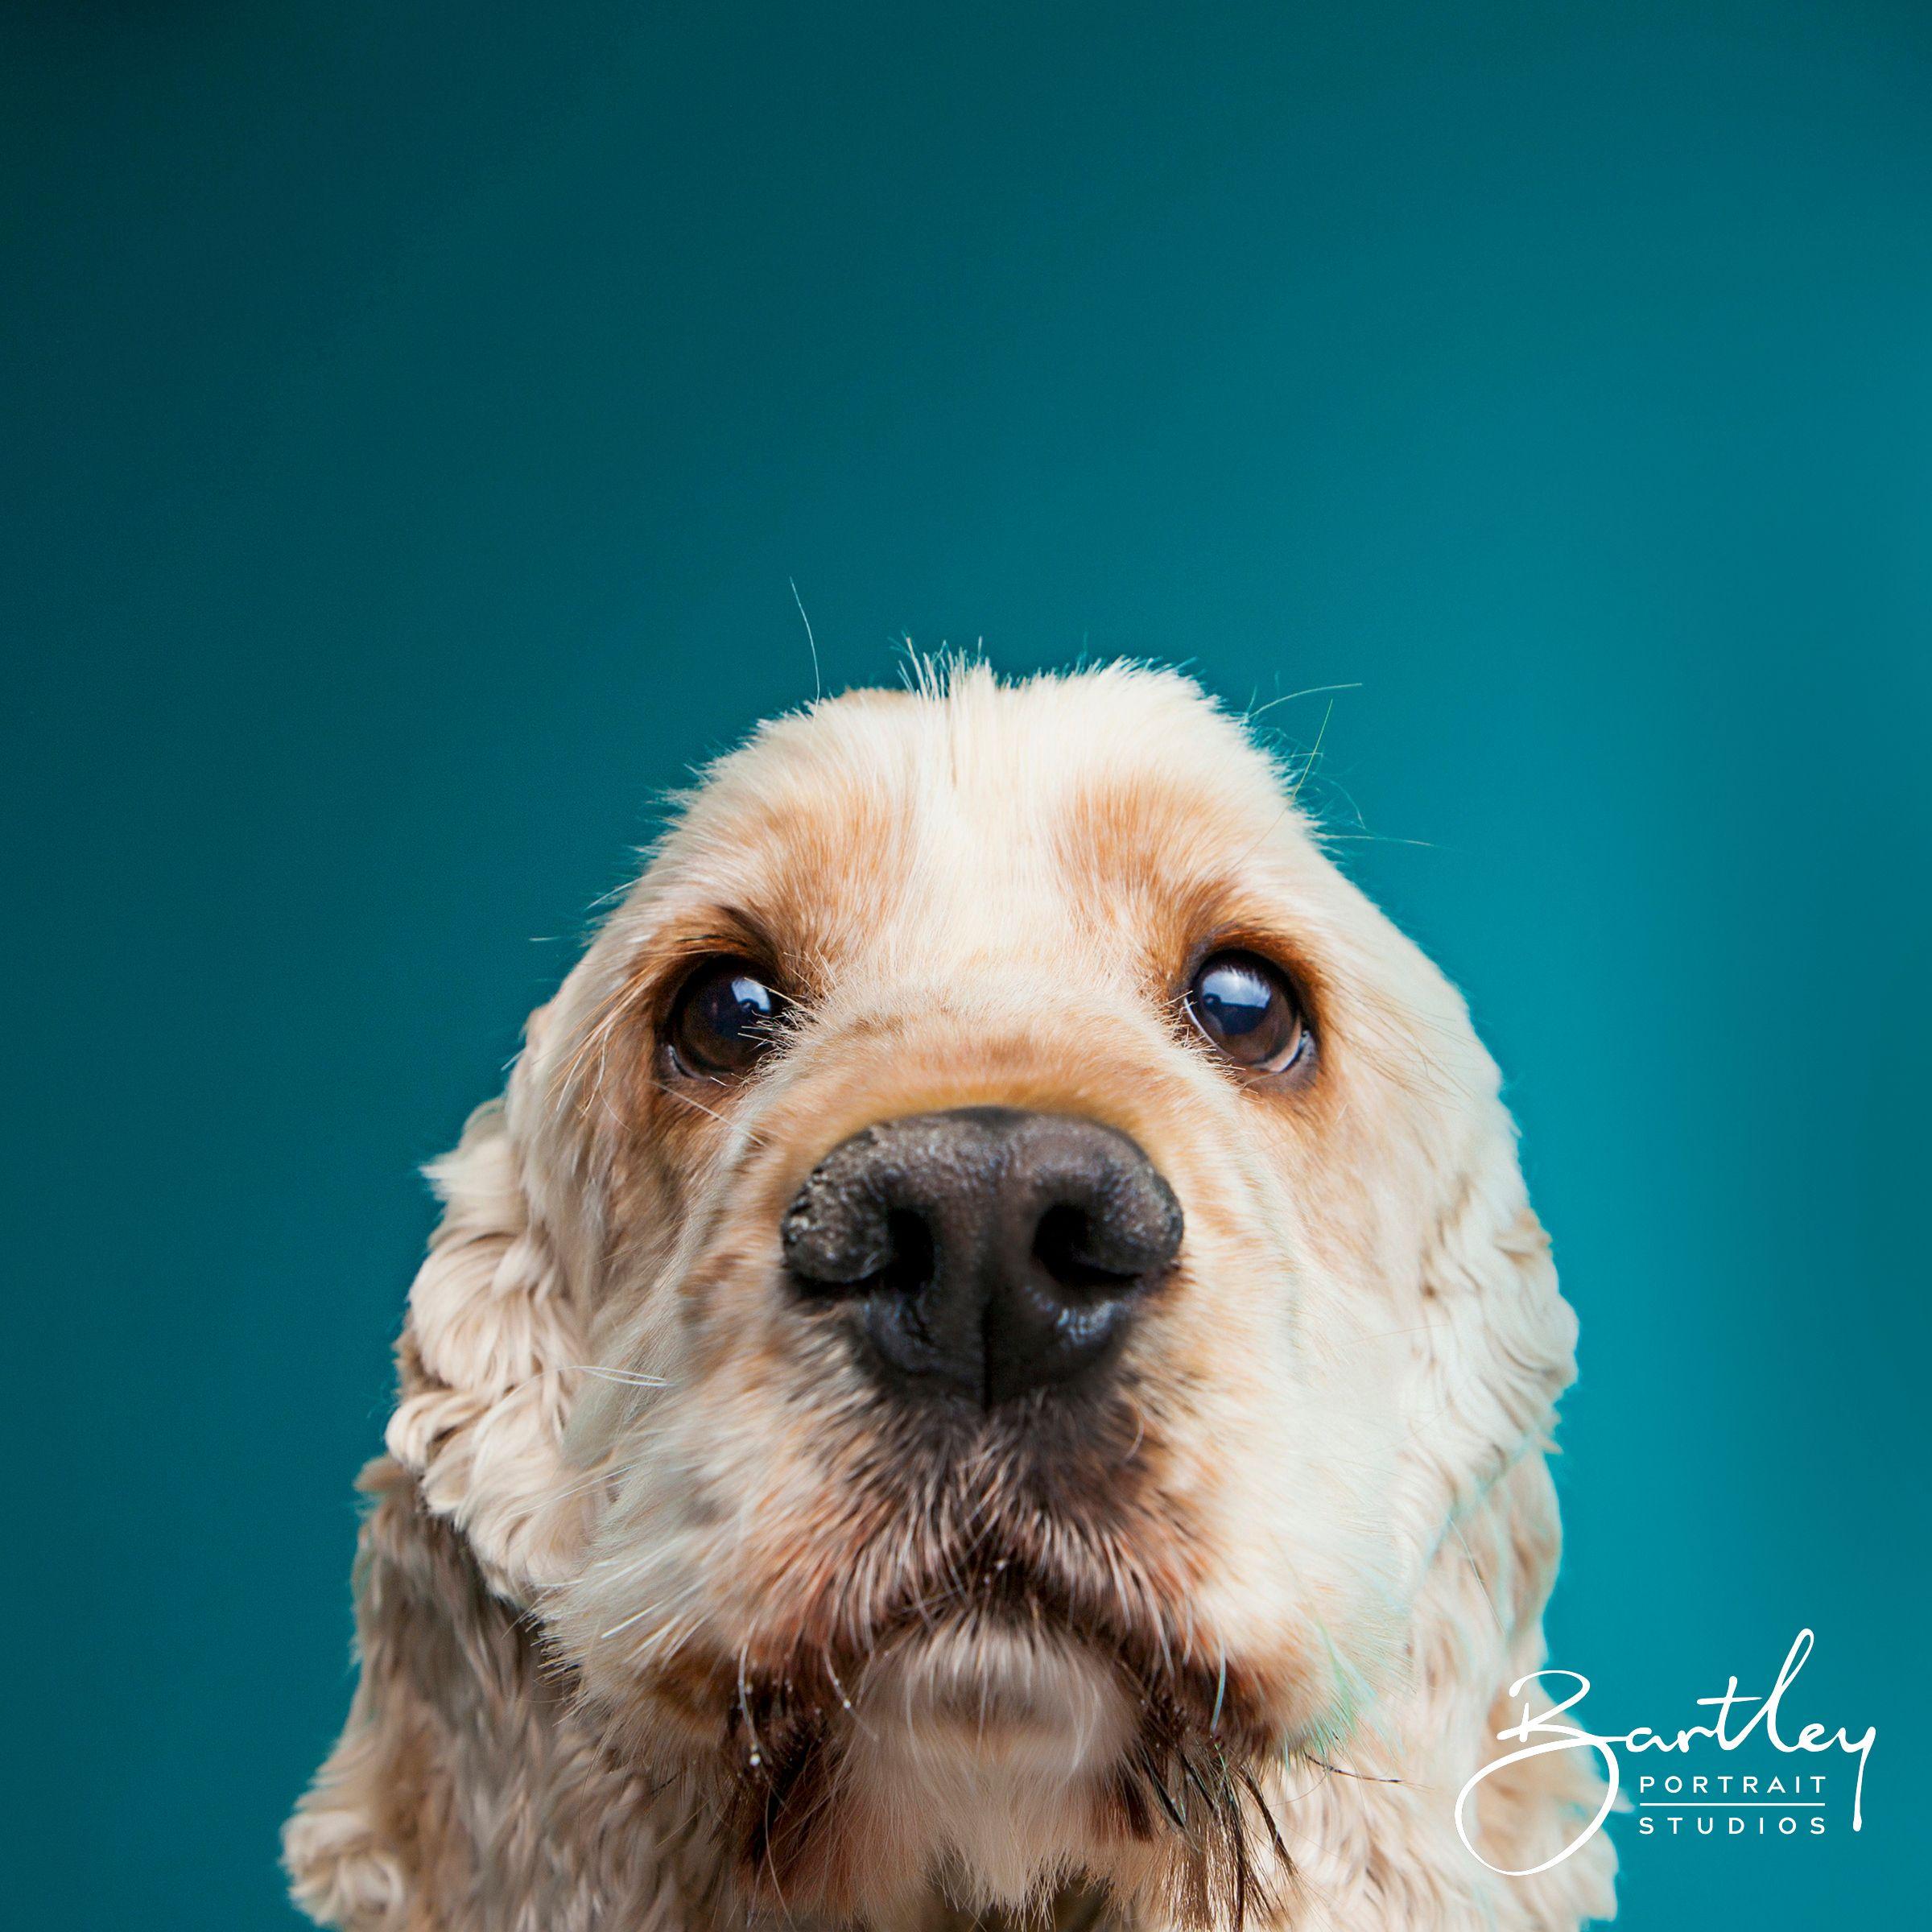 Pet Dog Portrait Photography